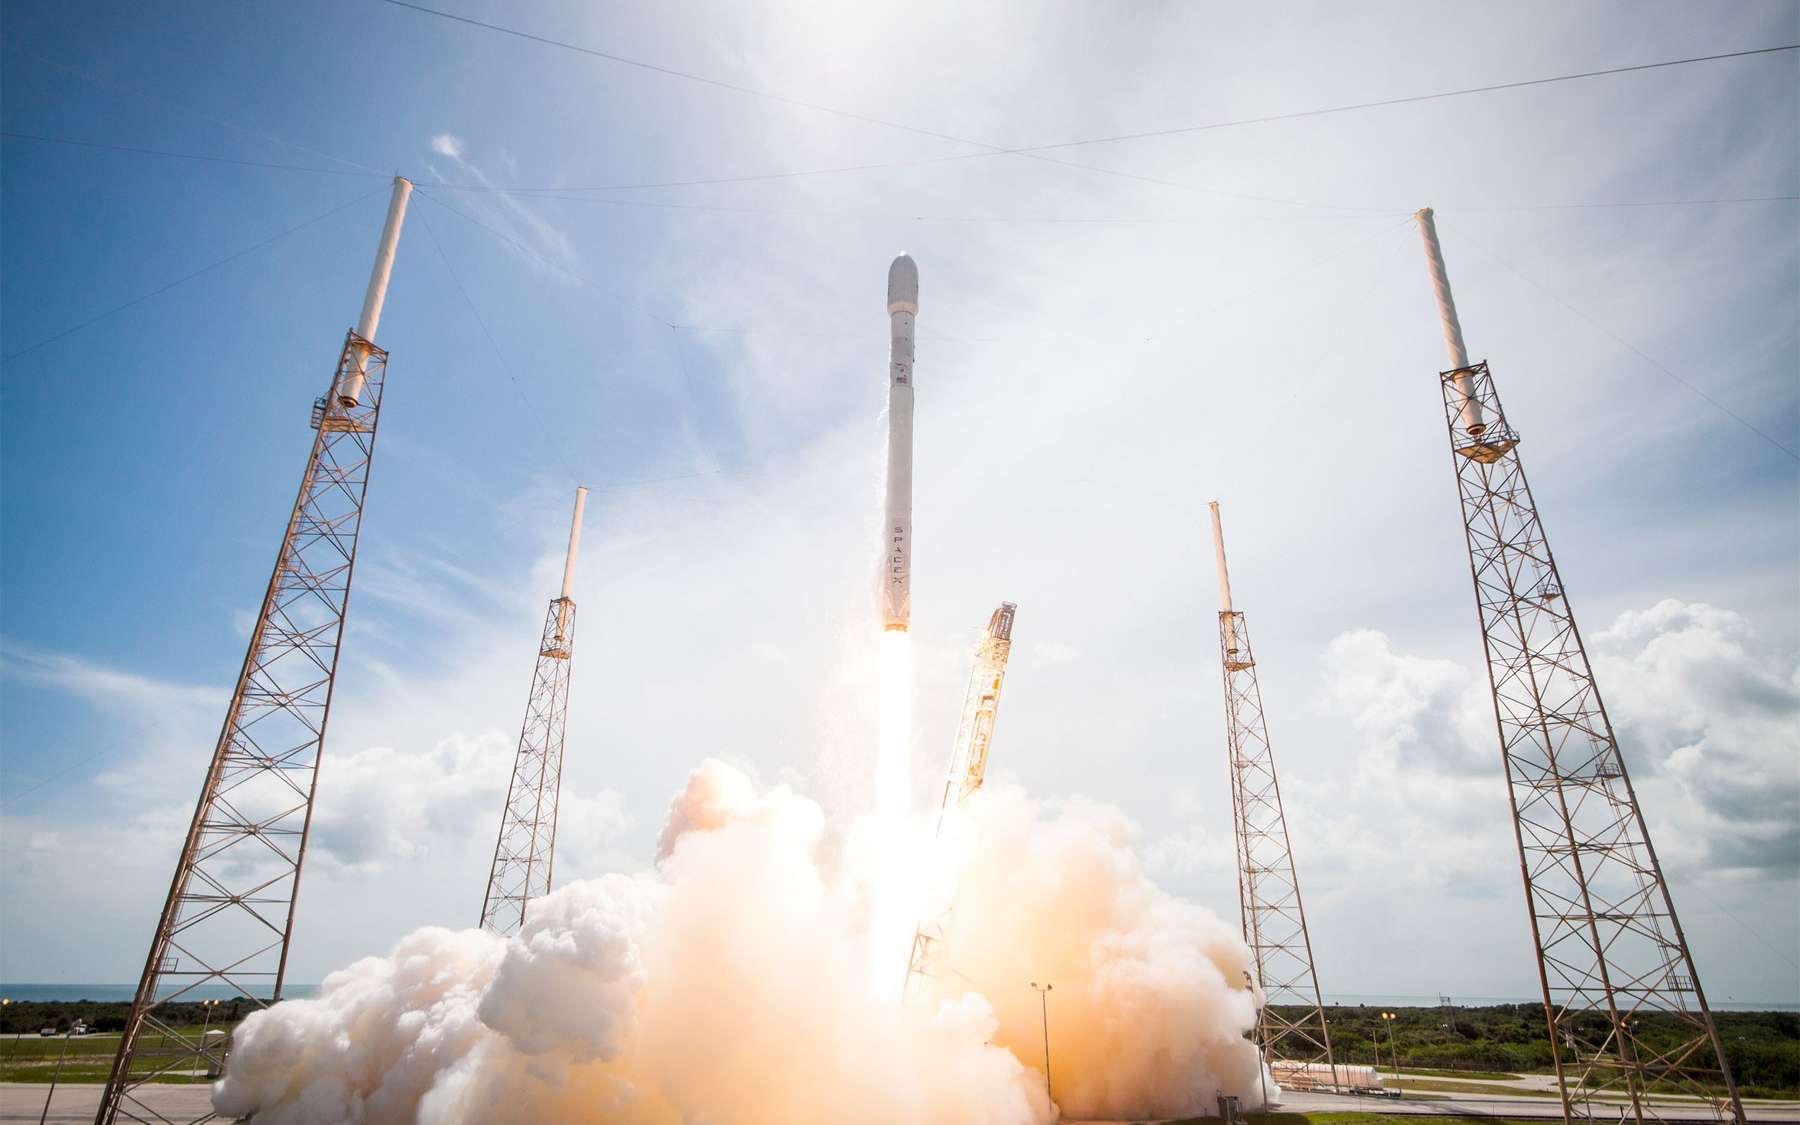 Le Falcon 9 v1.1 au décollage, sur le pas de tir SLC-40 de Cap Canaveral. © SpaceX